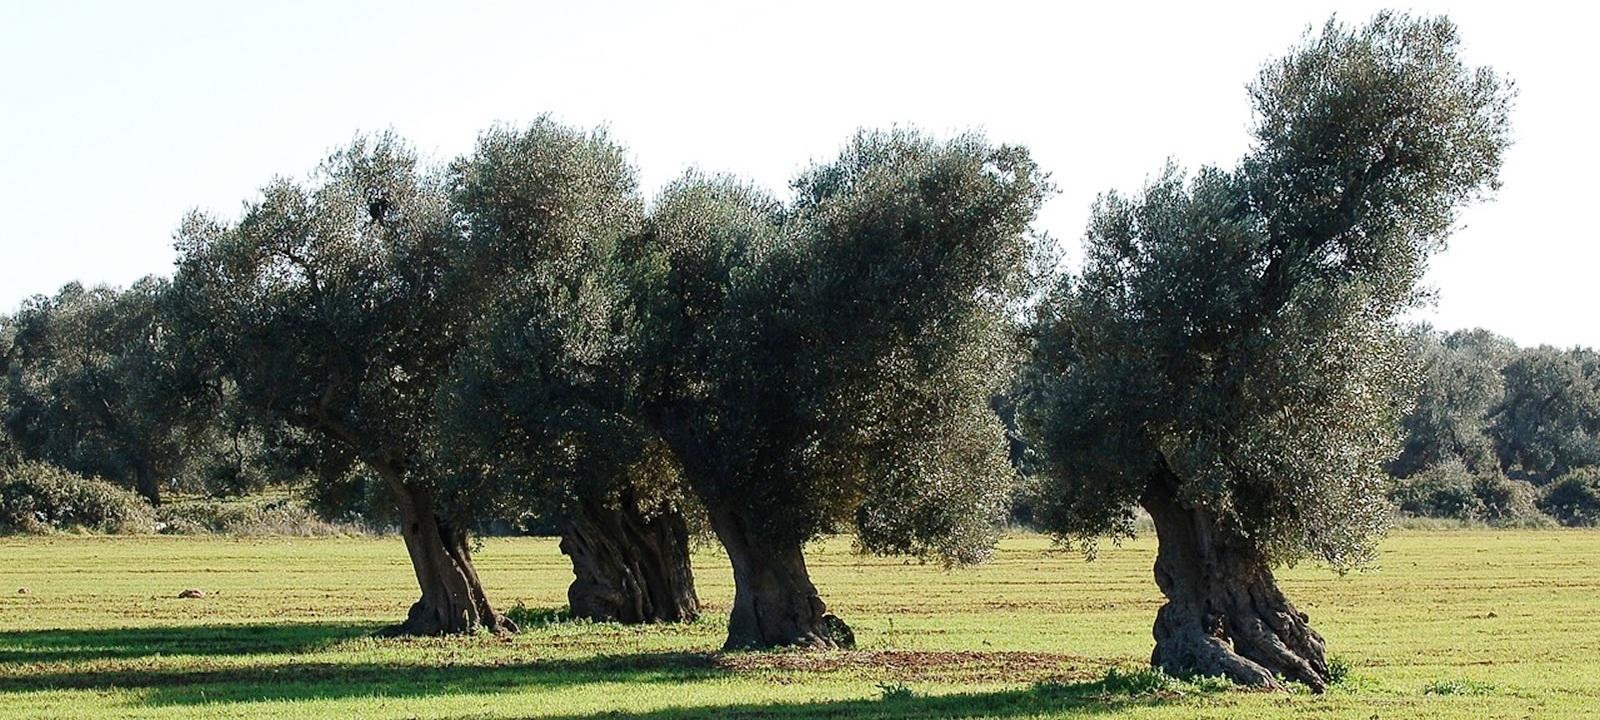 Passeggiata fotografica in un oliveto monumentale della piana degli olivi secolari e millenari di Fasano